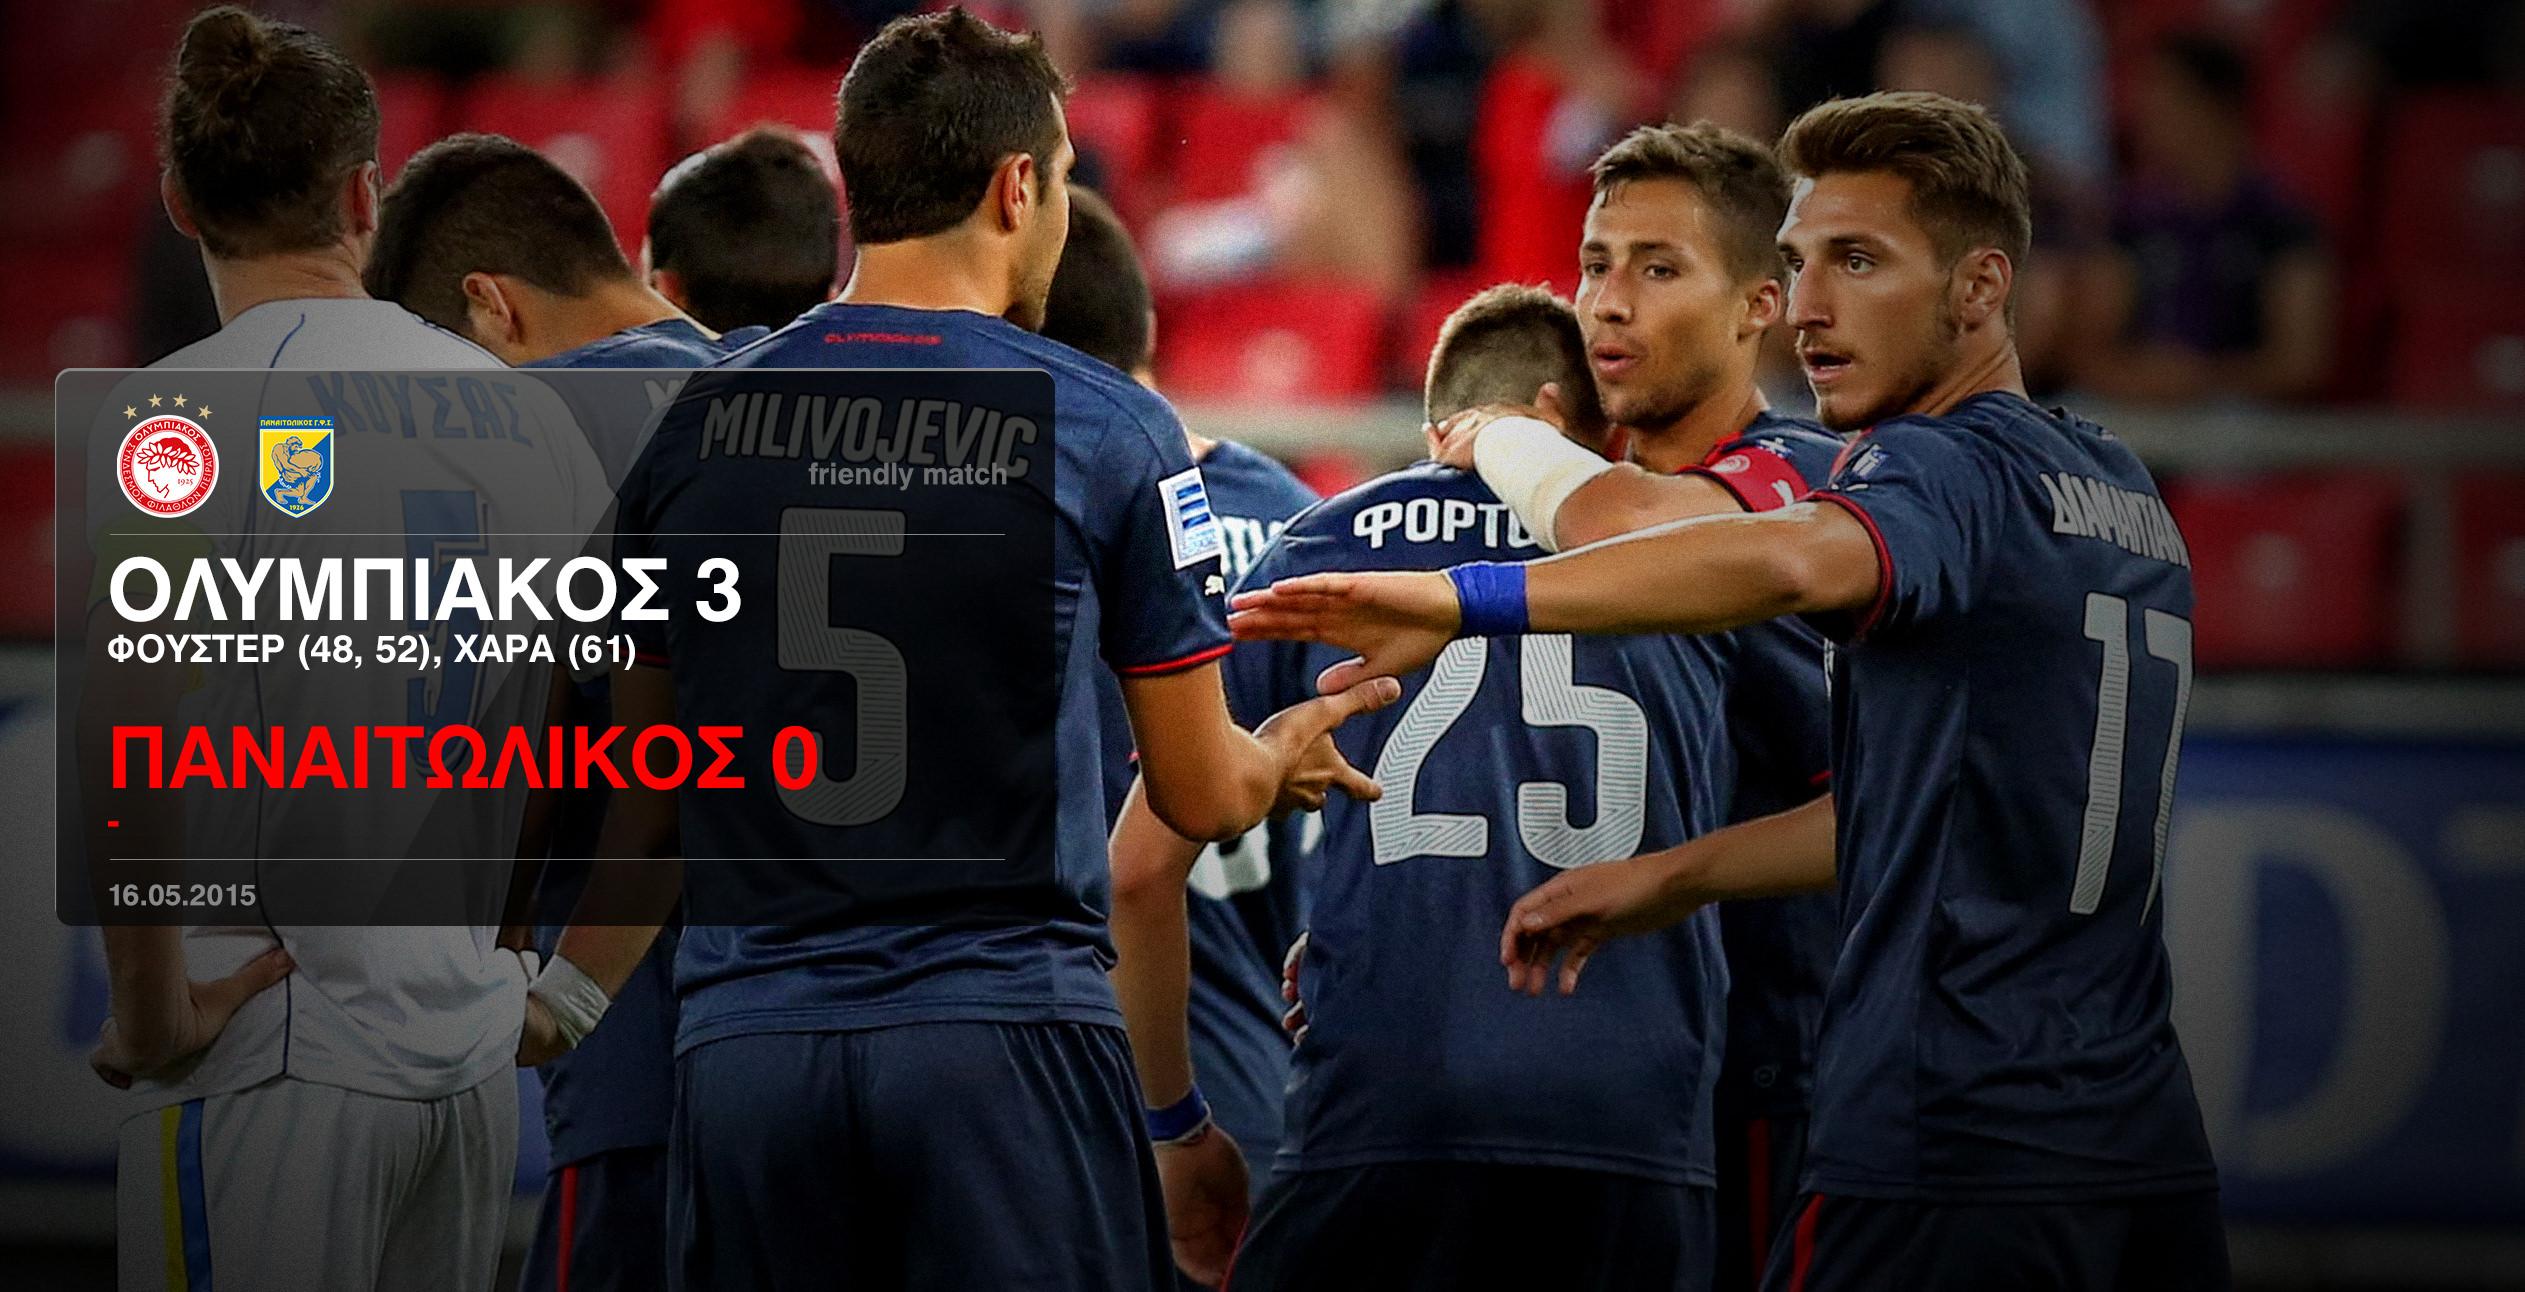 Olympiacos – Panaitolikos 3-0